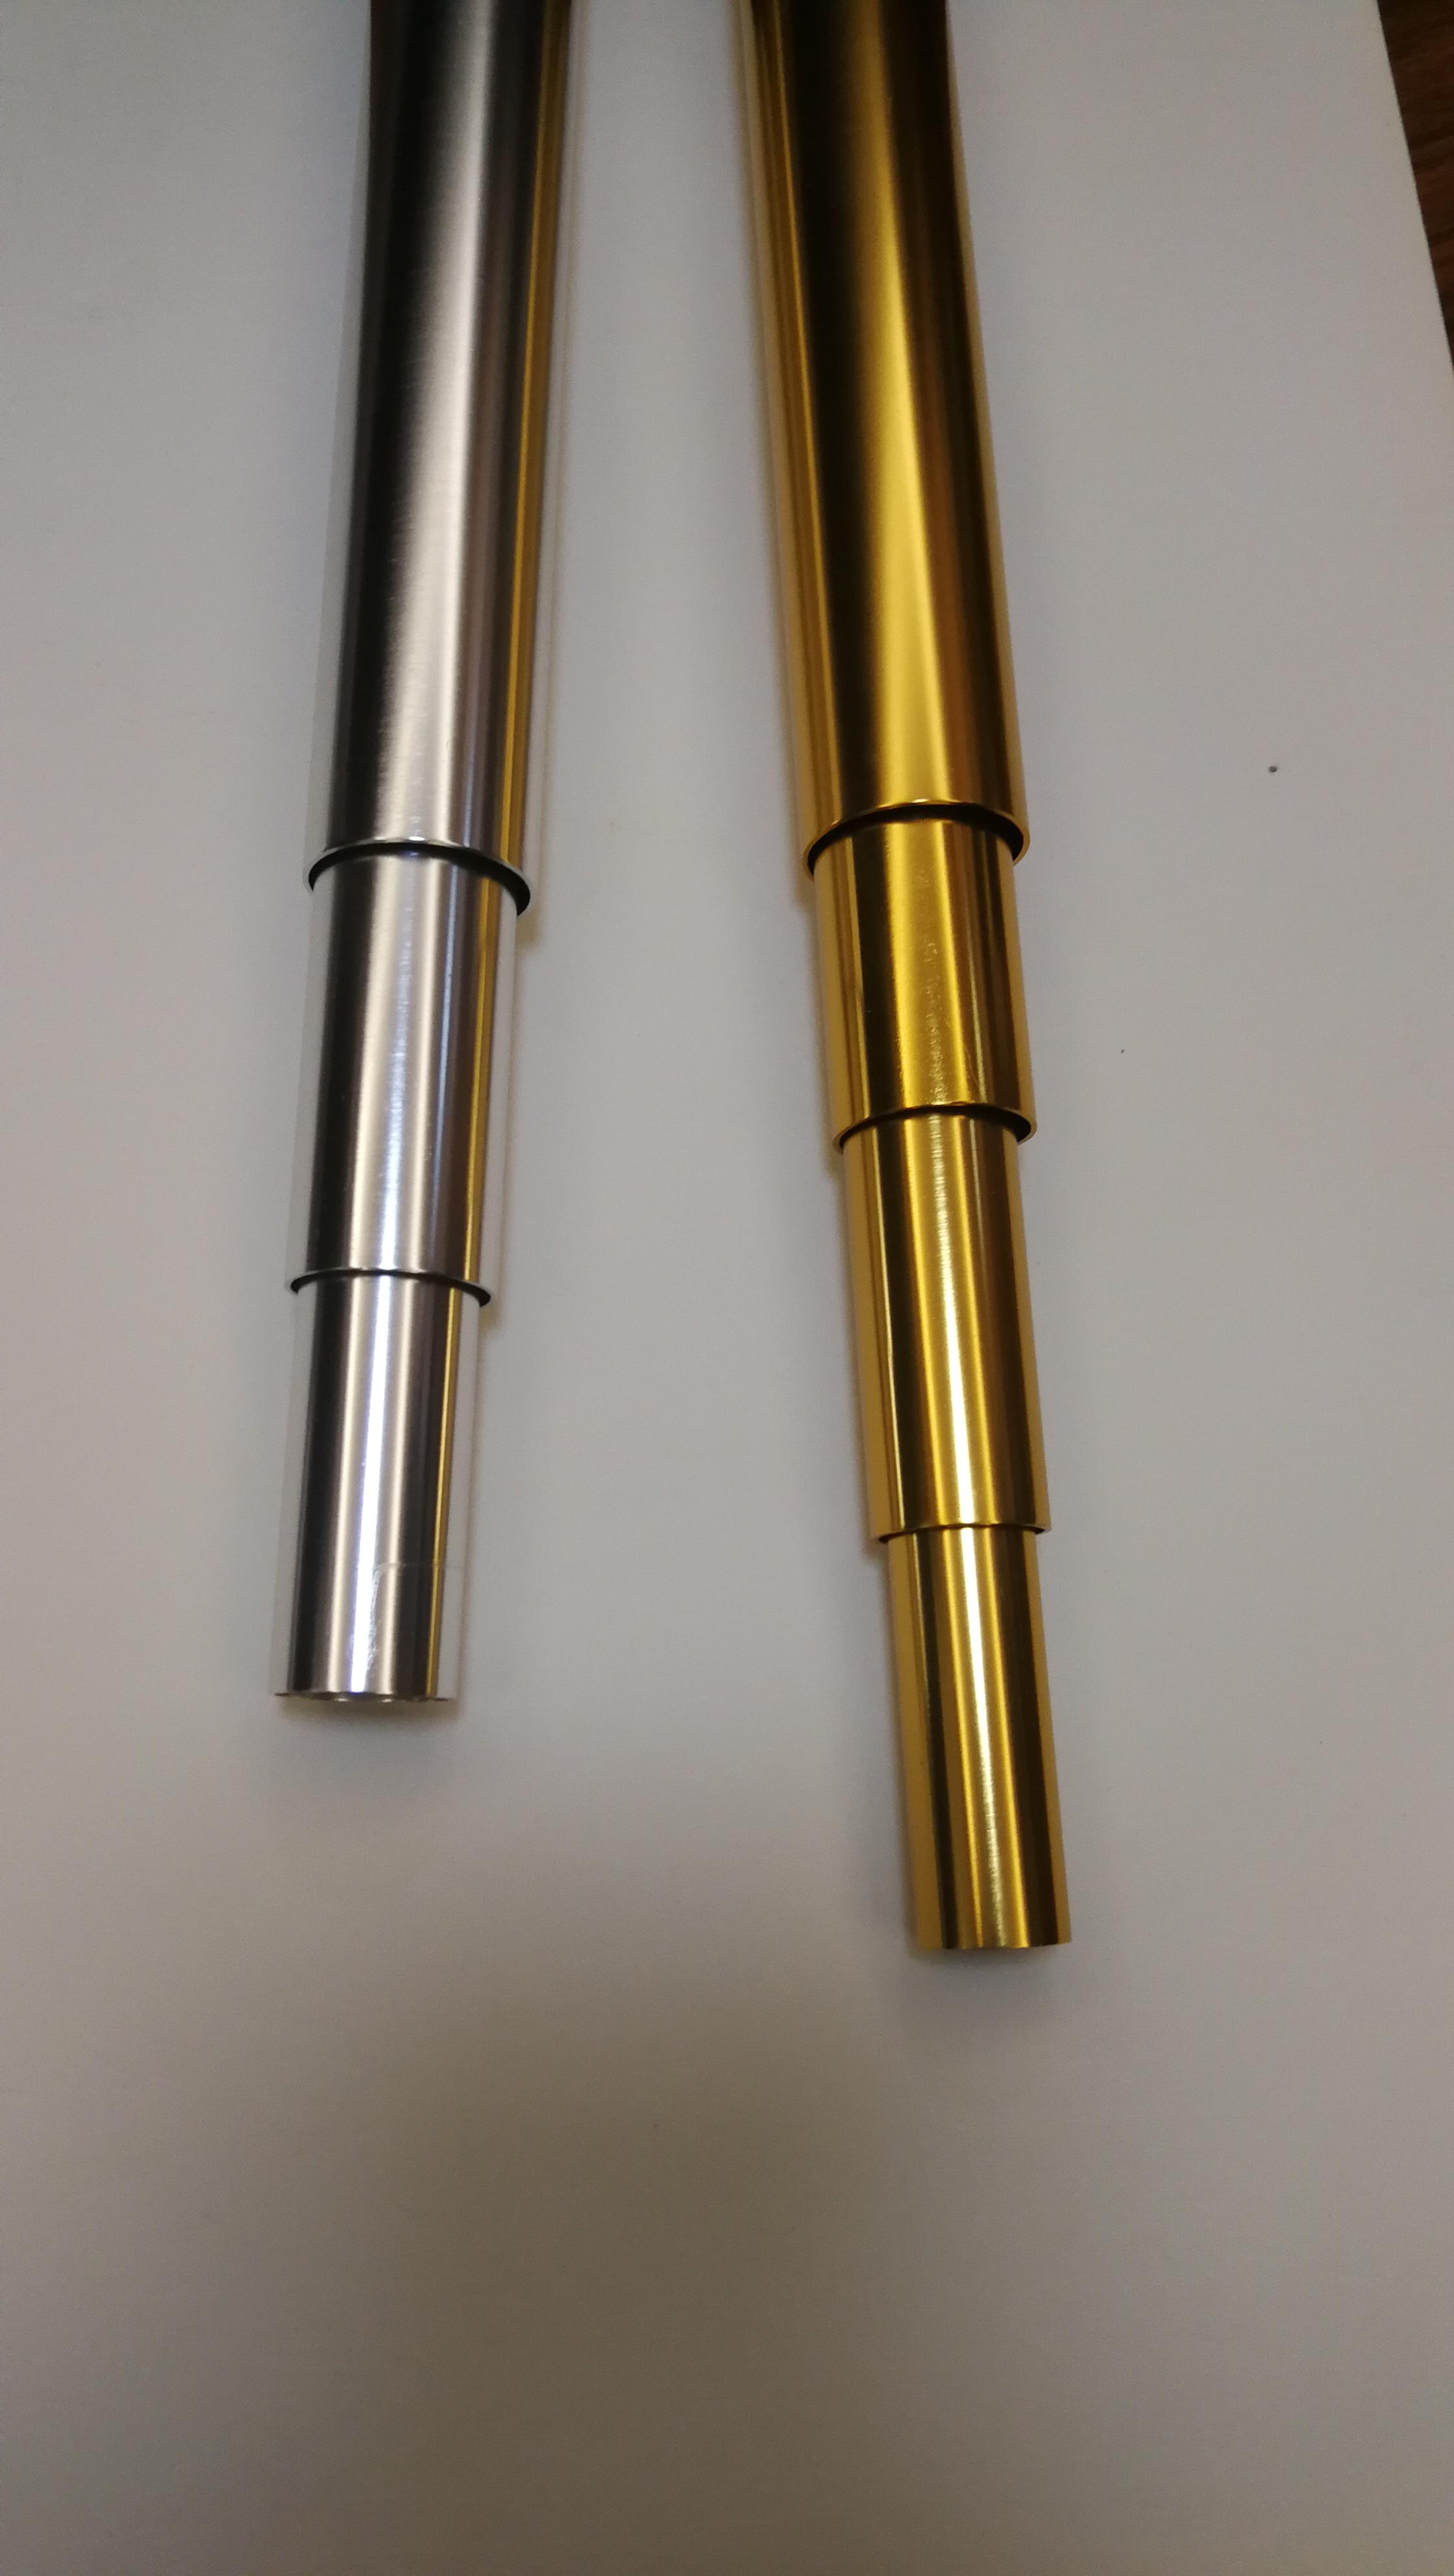 圆管铝管伸缩套管拉杆管氧化金色银